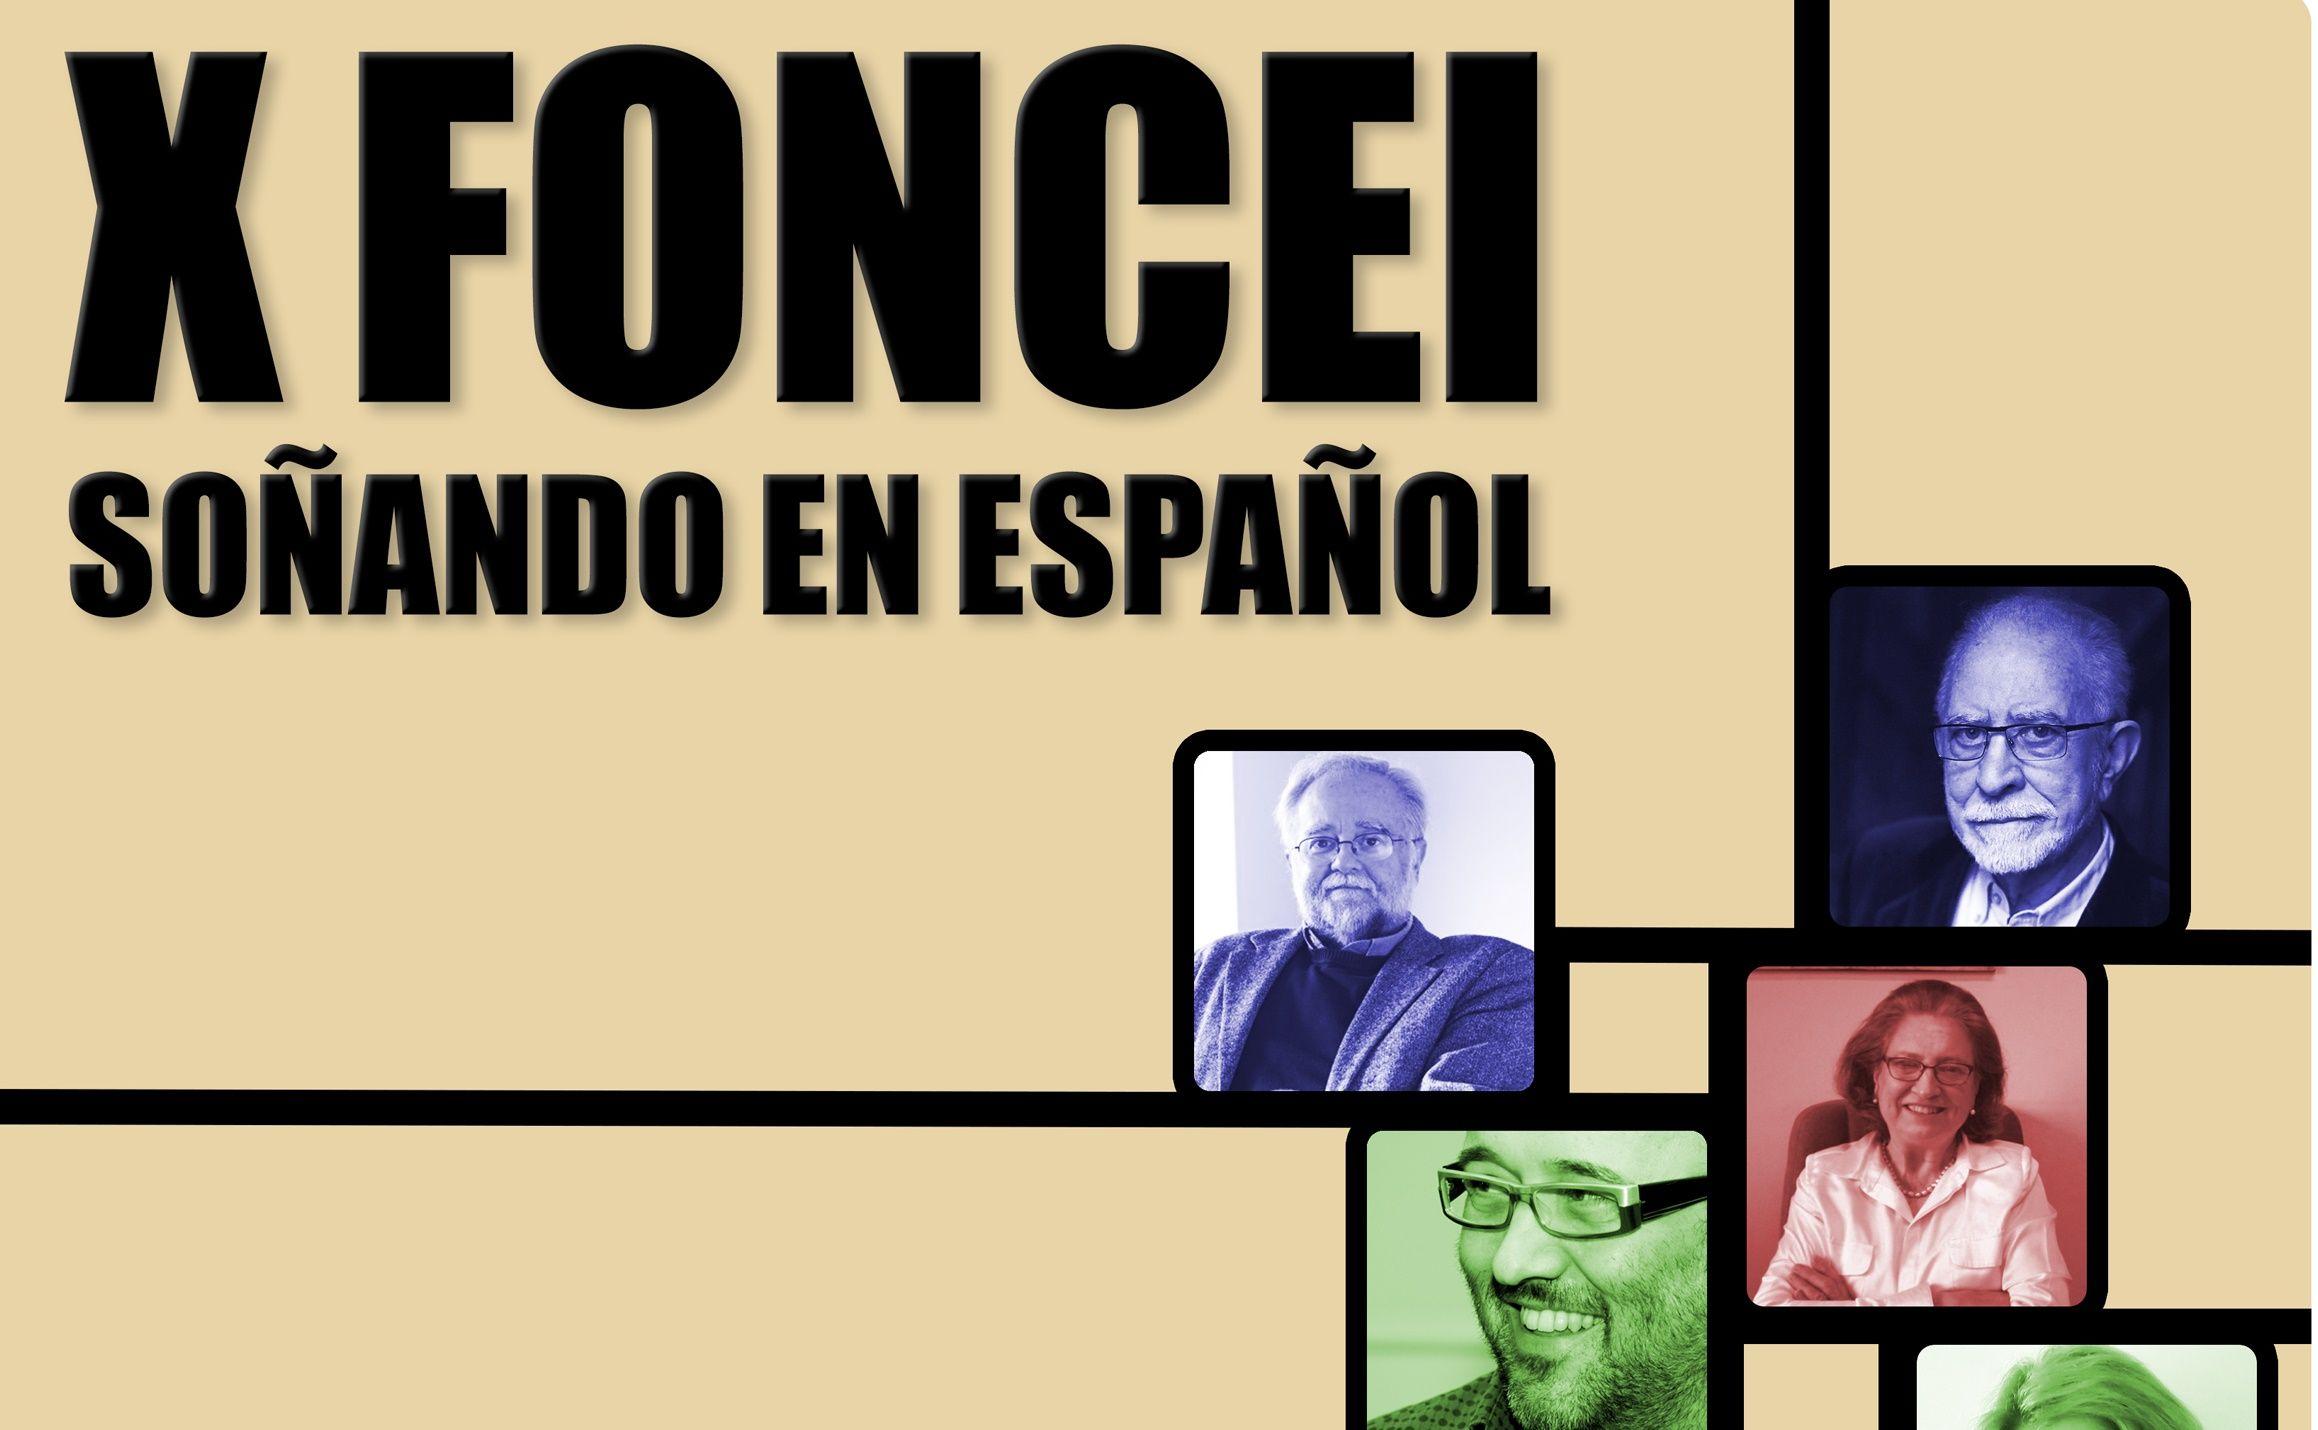 X FONCEI – Soñando en español